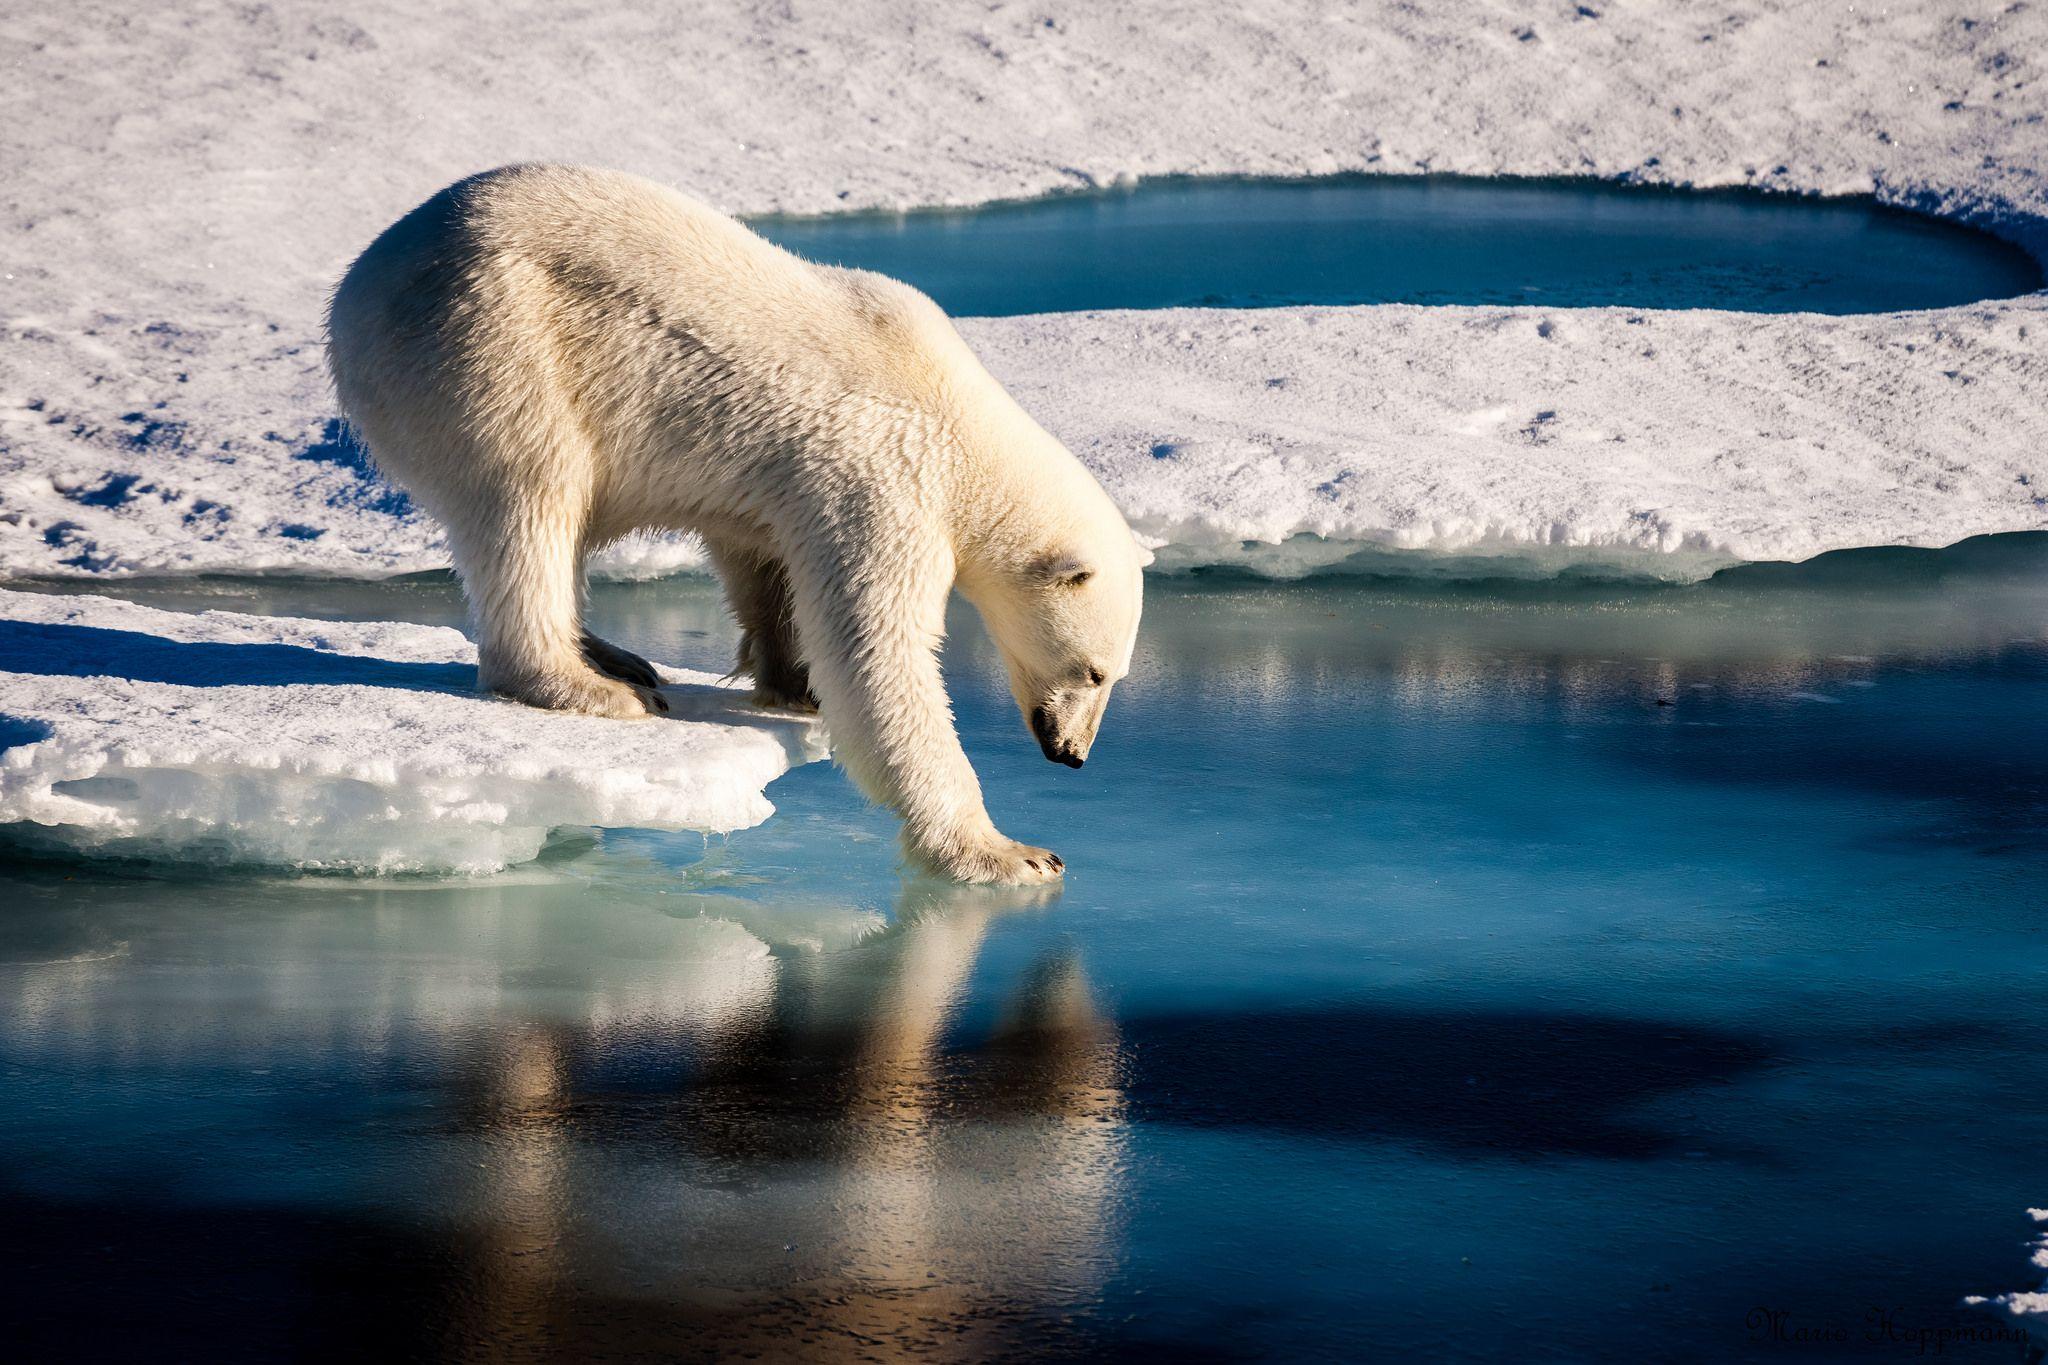 Calentamiento global: el miedo del oso polar y una foto que se volvió viral